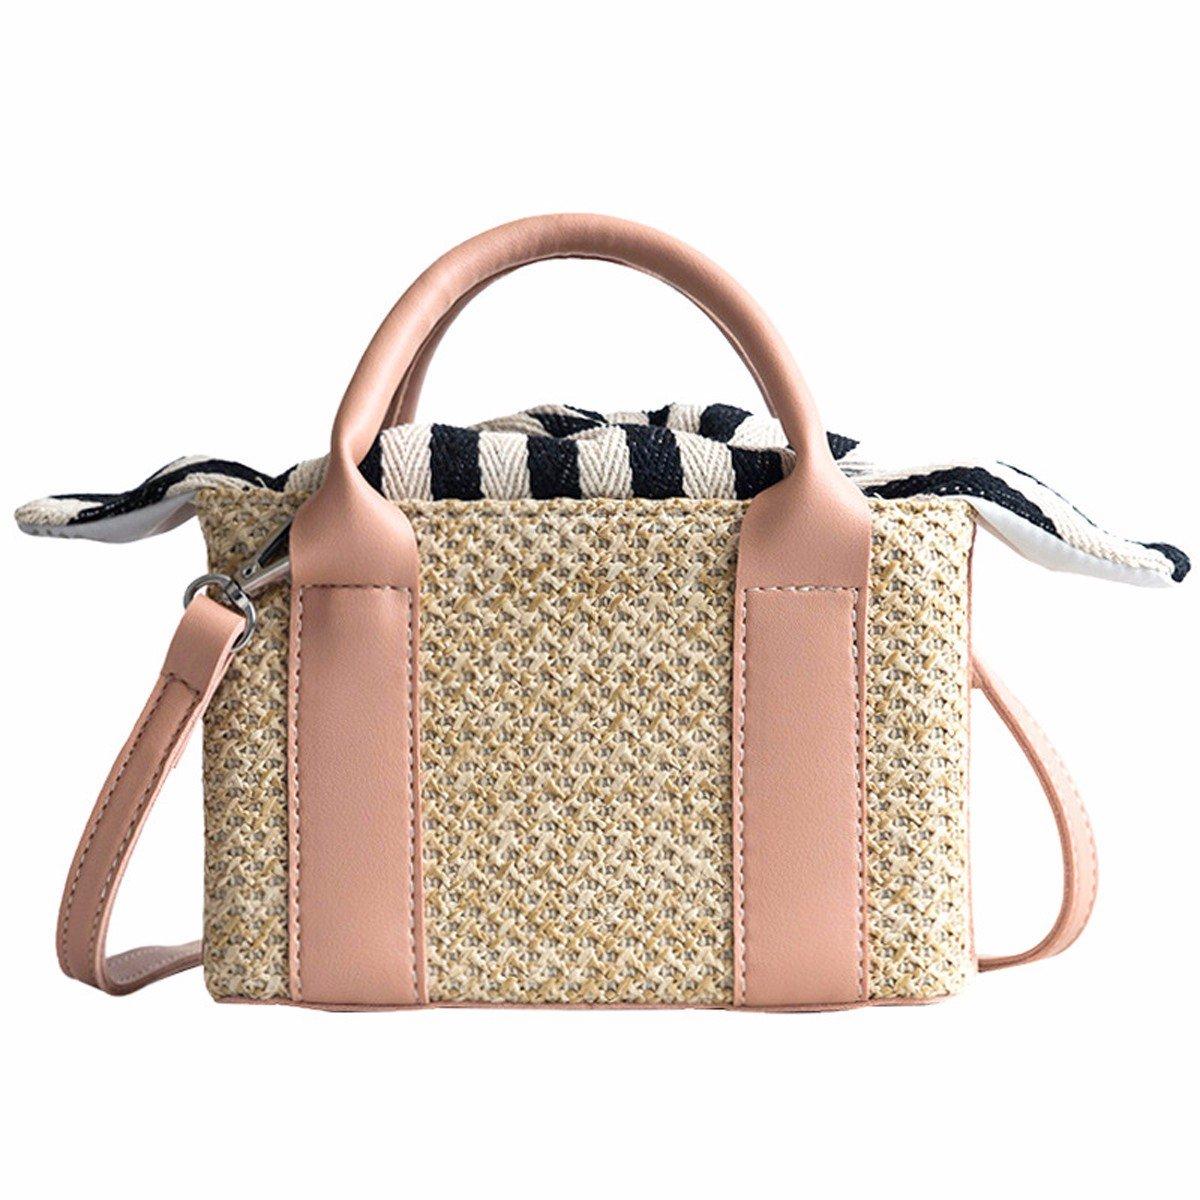 GTVERNH-der Frauen/Mode Handtasche/All-Match/Freizeit weberei Schulter Stroh aus Tasche Sommer Wilde Tasche Eimer Tasche Tragbare Weiblich Square - Tasche